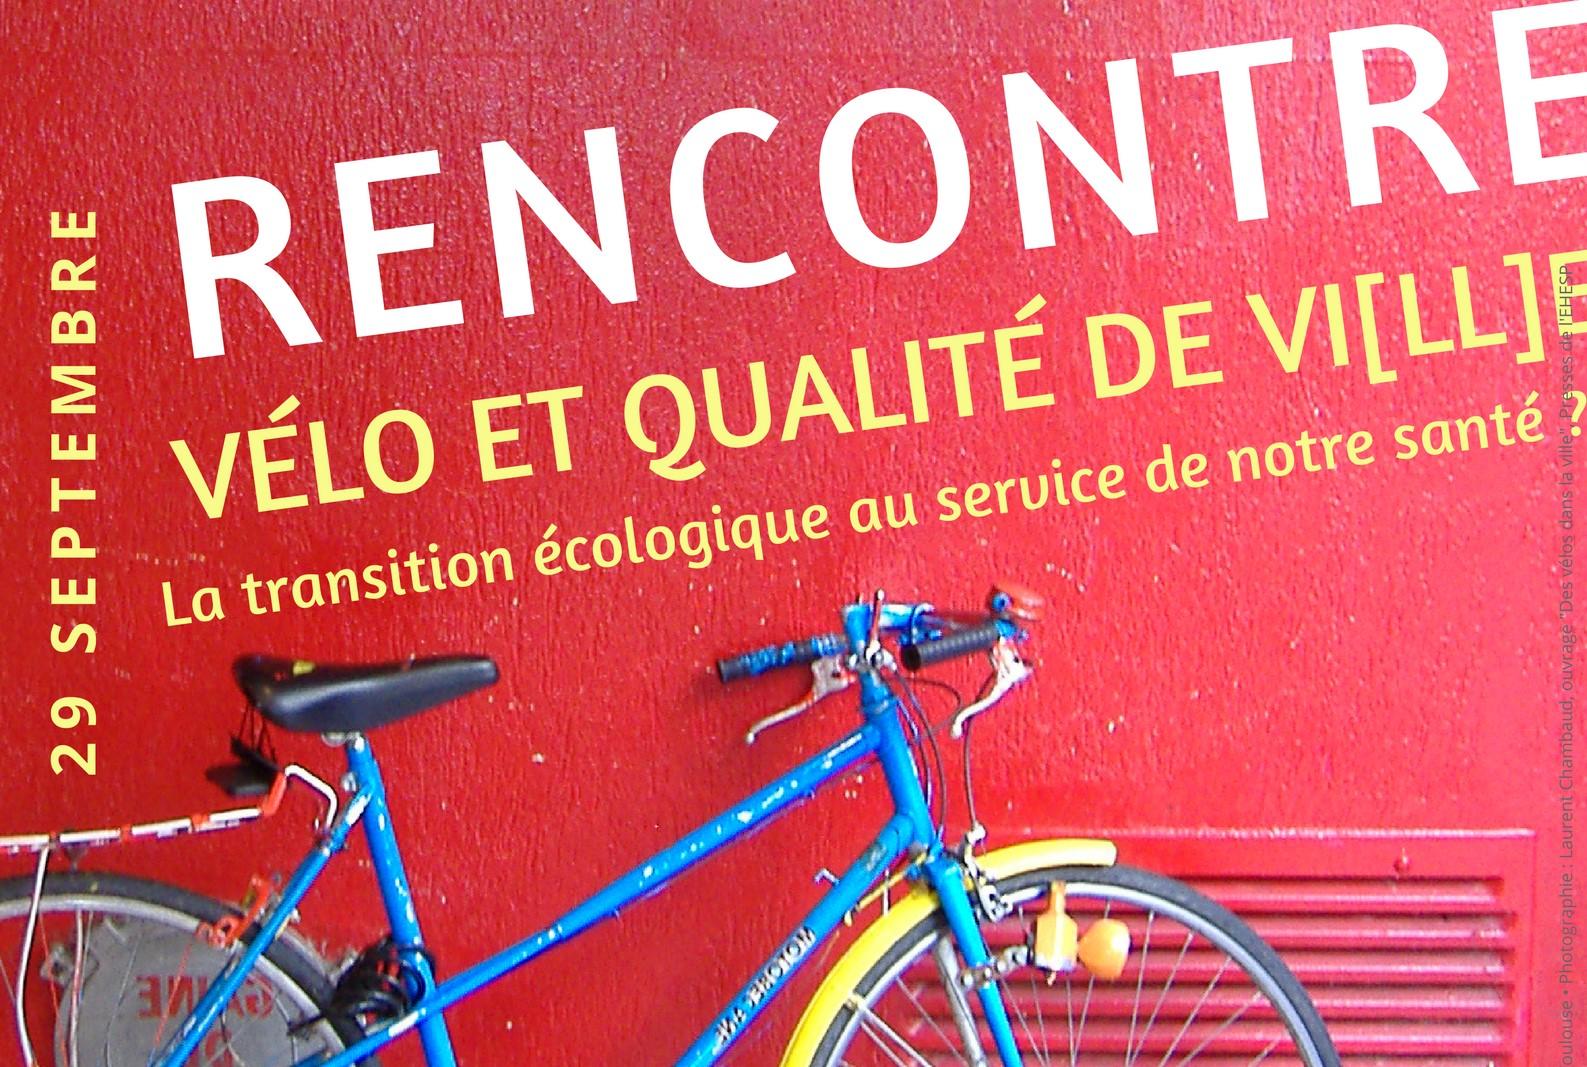 Rencontre Vélo et qualité de vi[ll]e